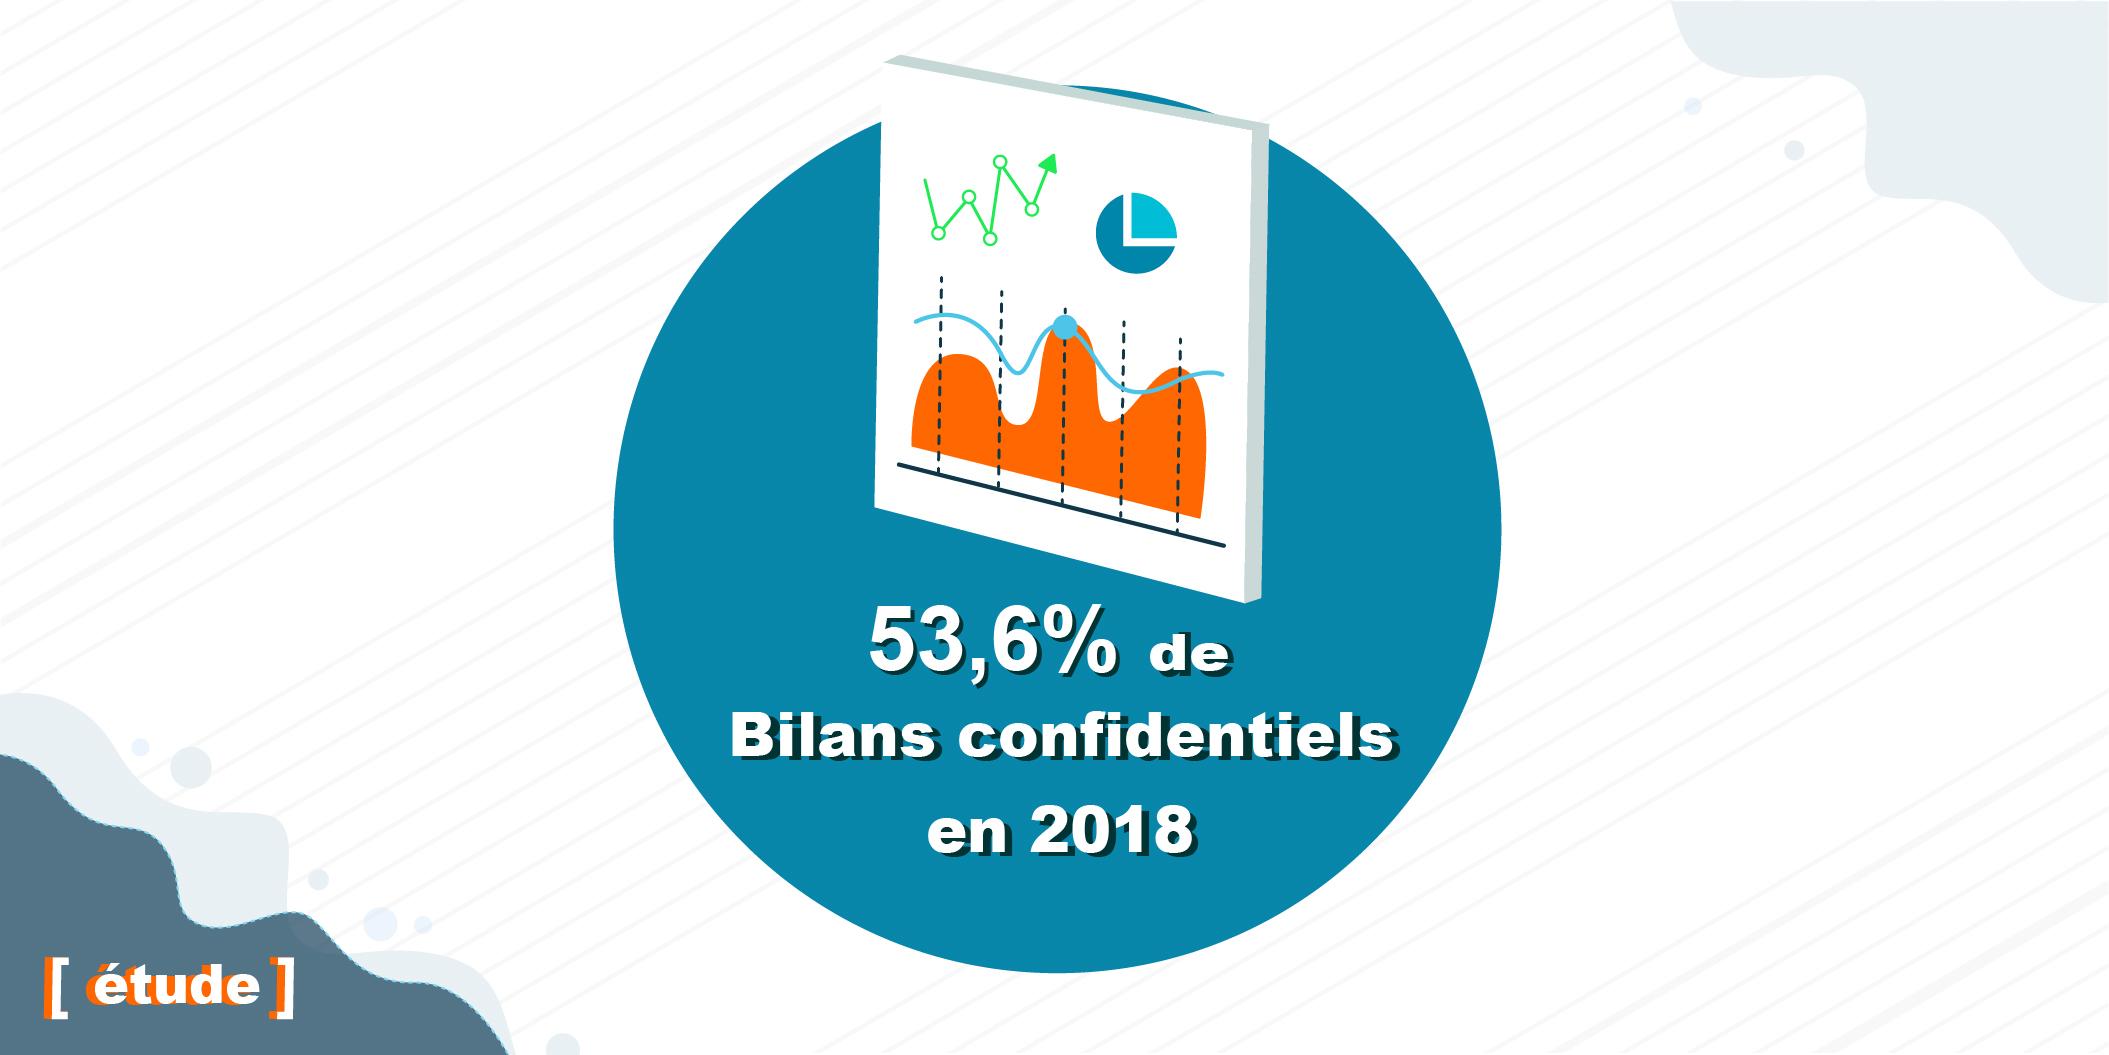 53.6 pour cent de bilans confidentiels en 2018